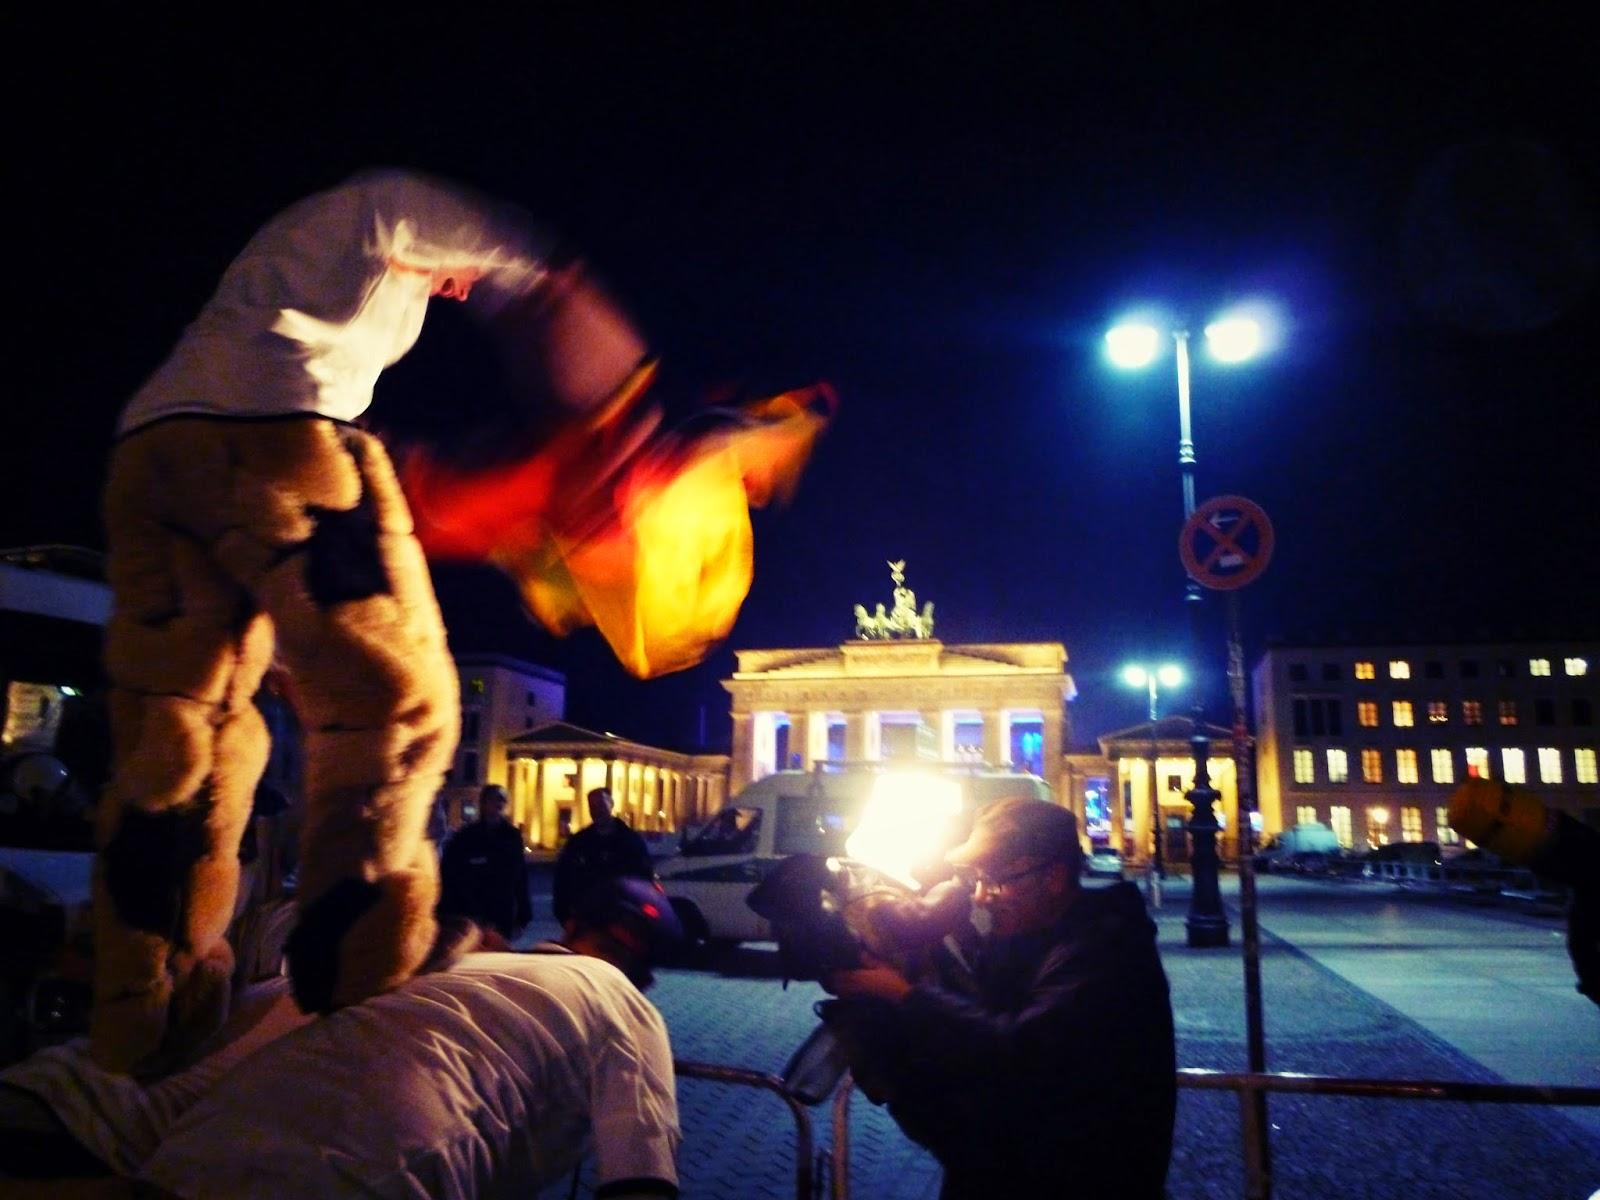 Brandenburg Gate after World Cup 2014